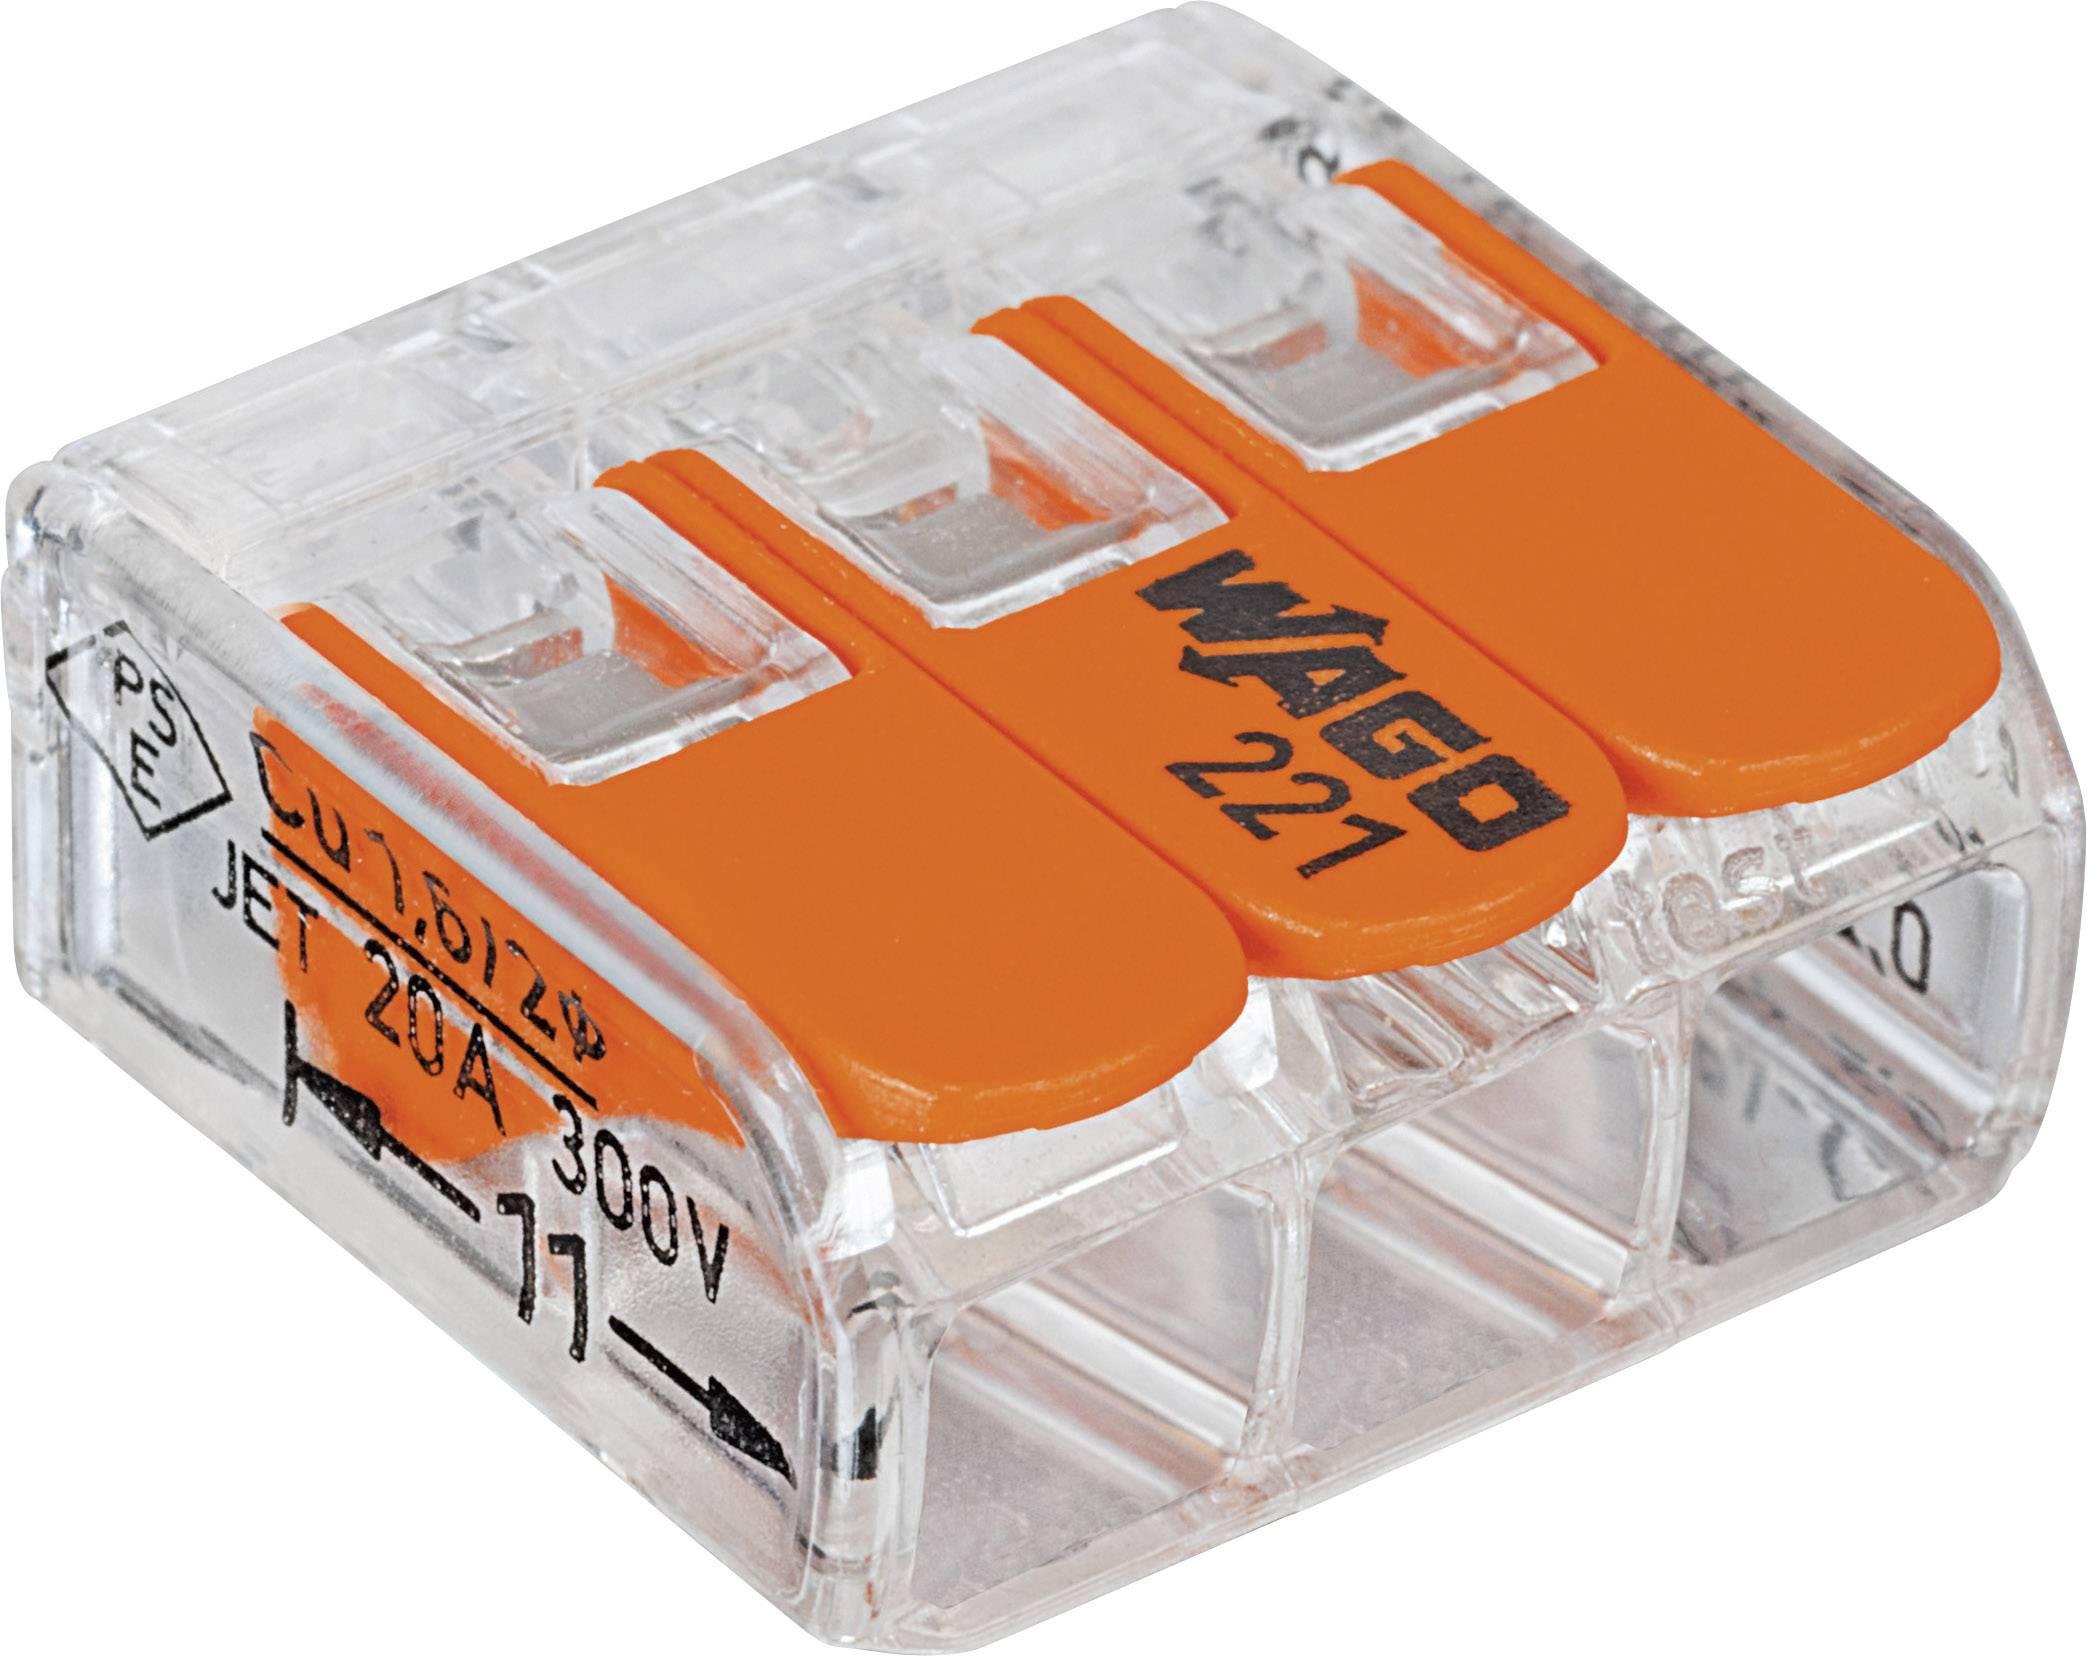 Krabicová svorkovnica WAGO 221-413 na kábel s rozmerom 0.14-4 mm², pólov 3, 50 ks, priehľadná, oranžová